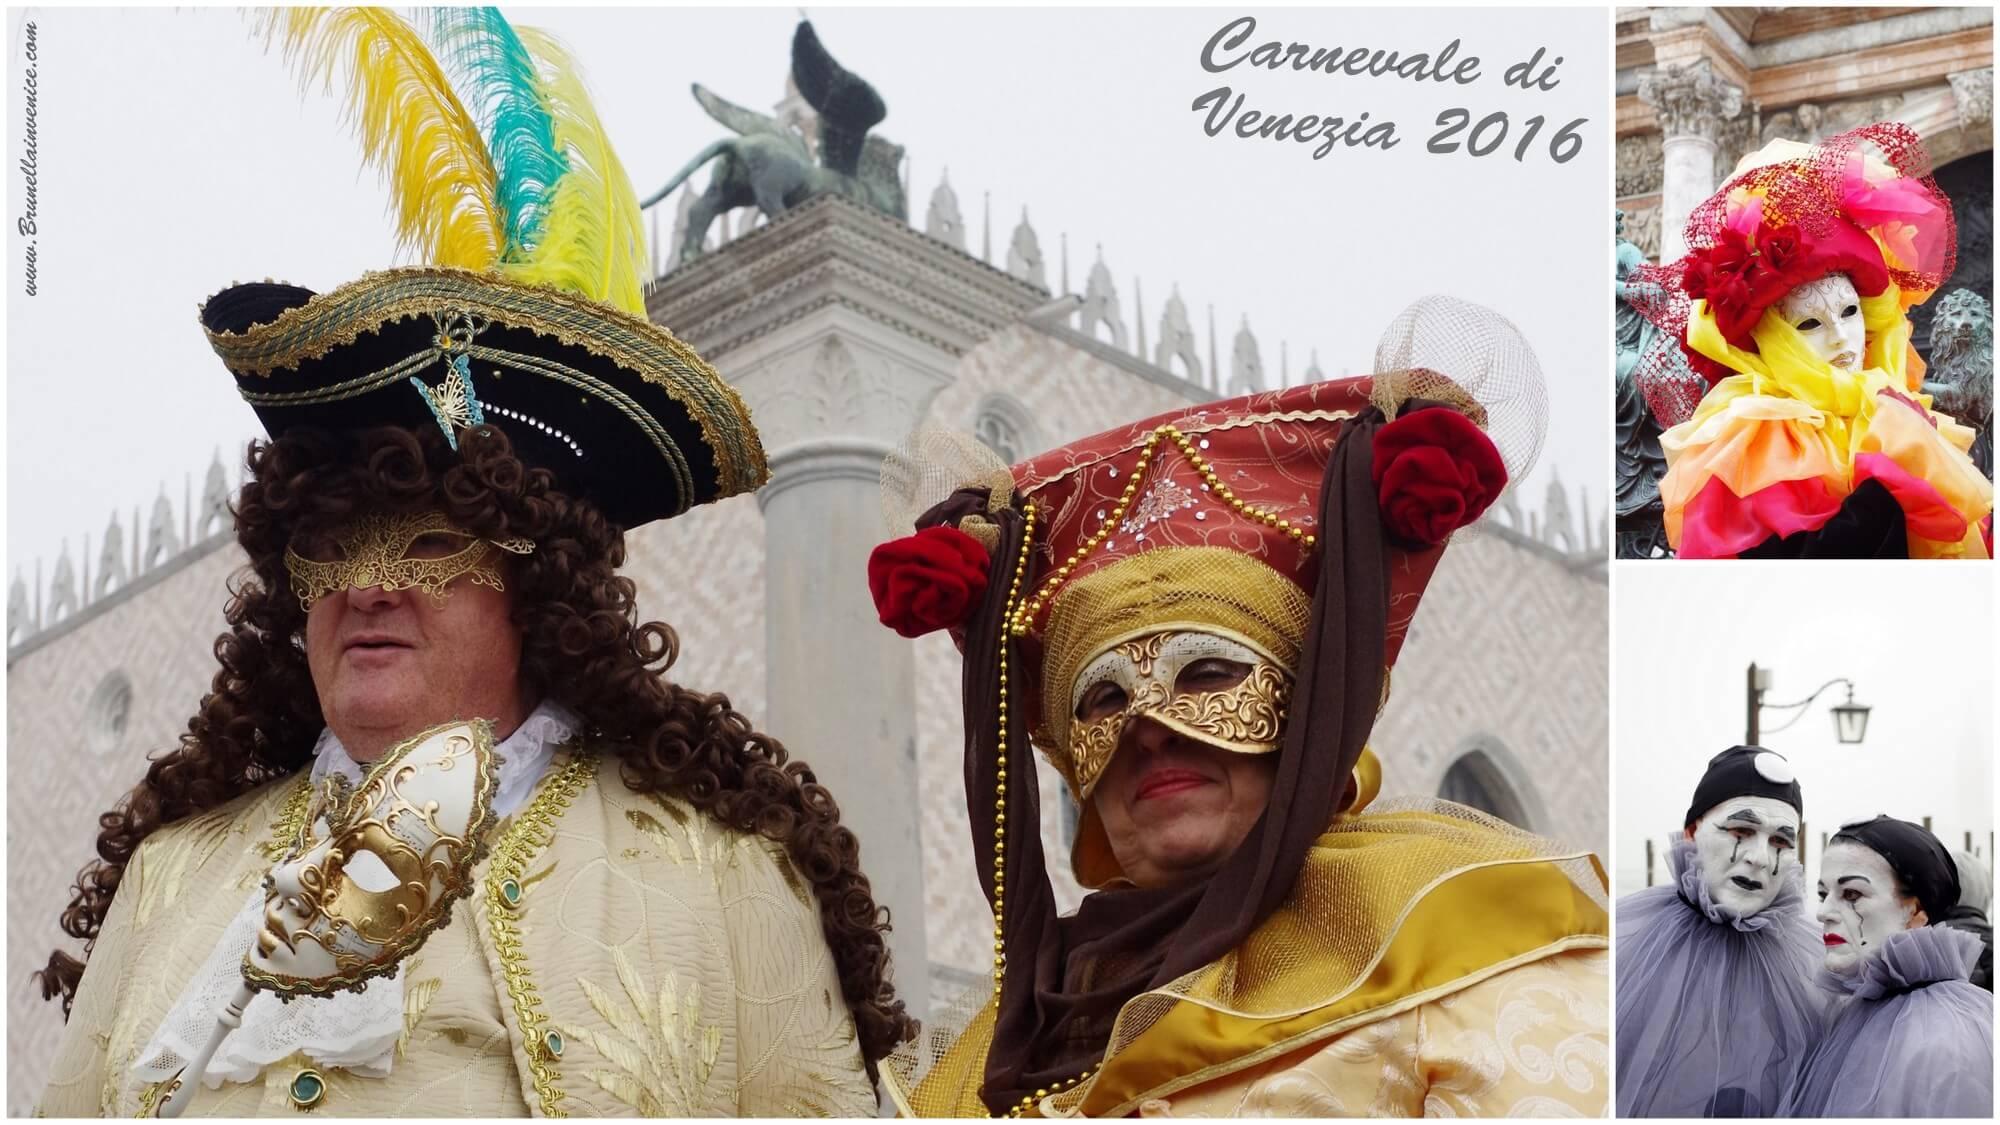 carnevale-di-venezia-2016-6